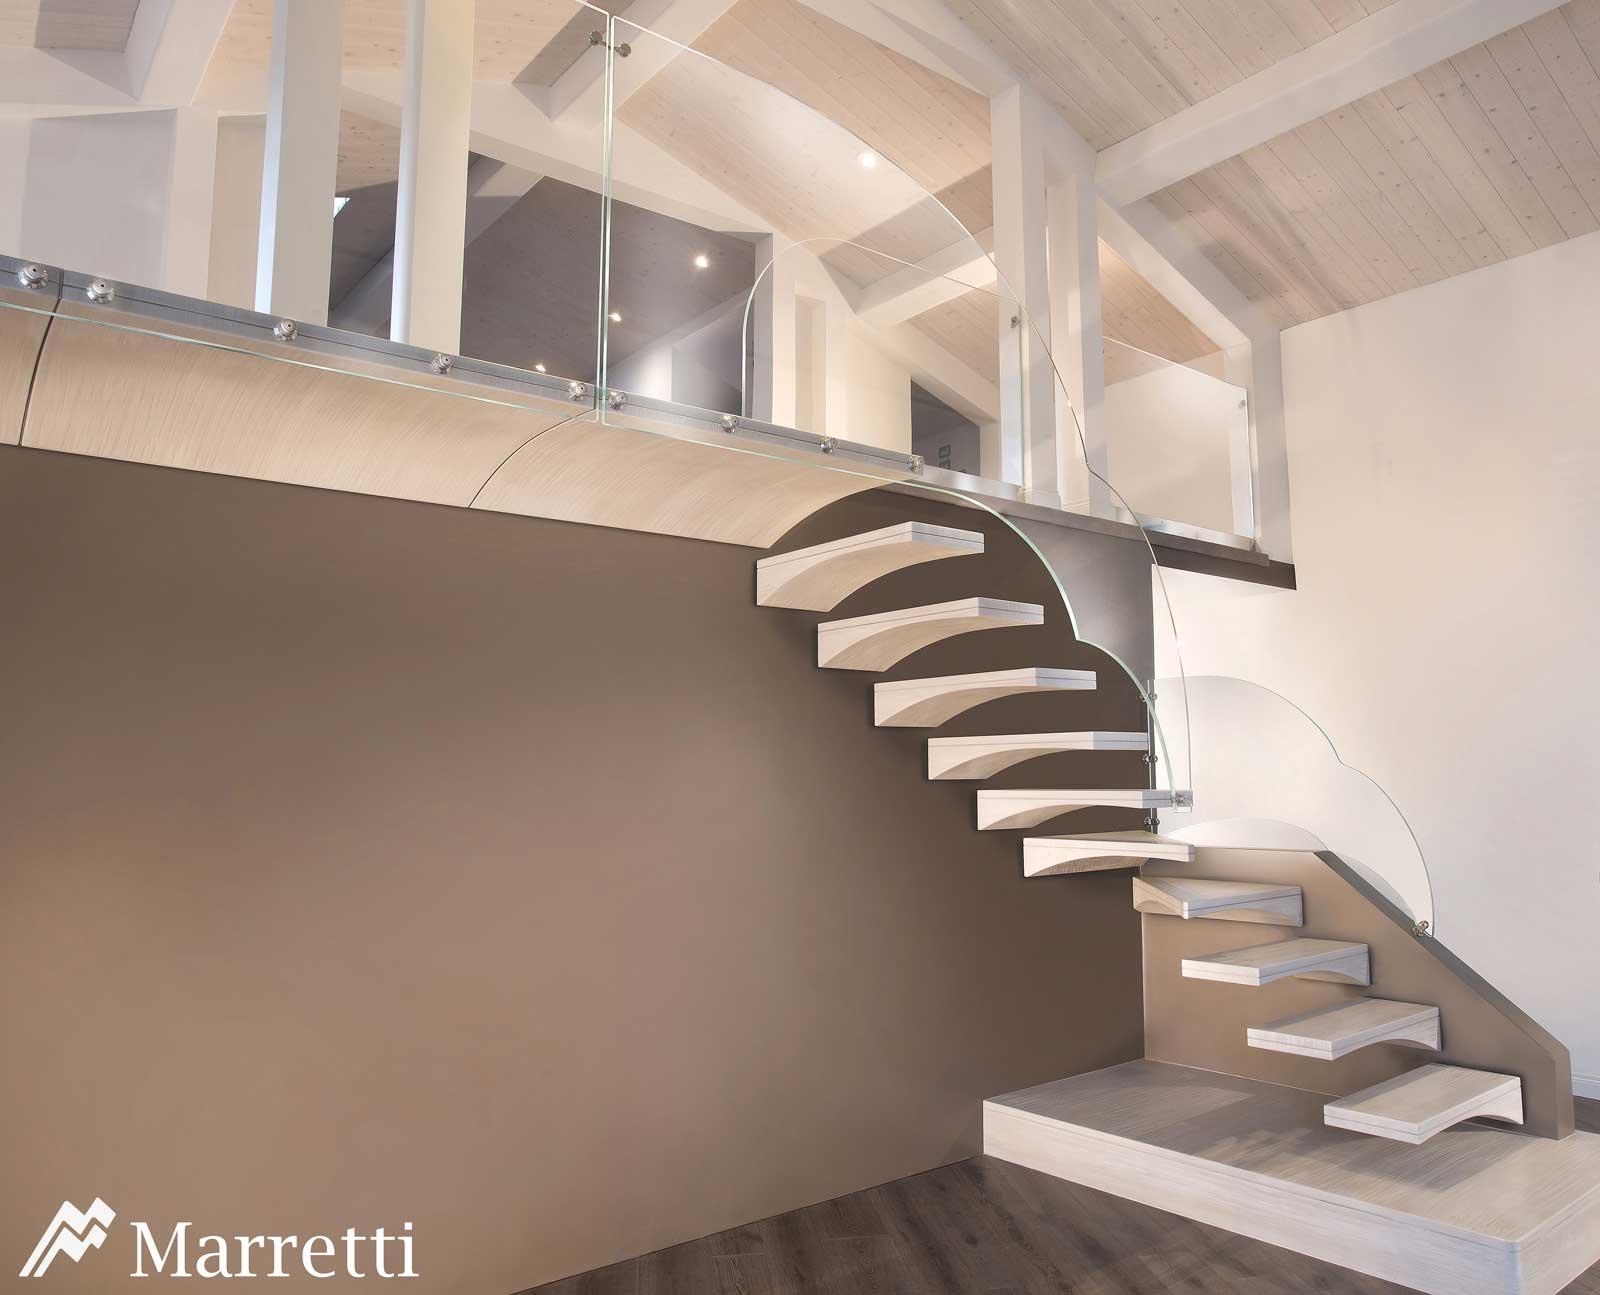 freitragende offene. Black Bedroom Furniture Sets. Home Design Ideas